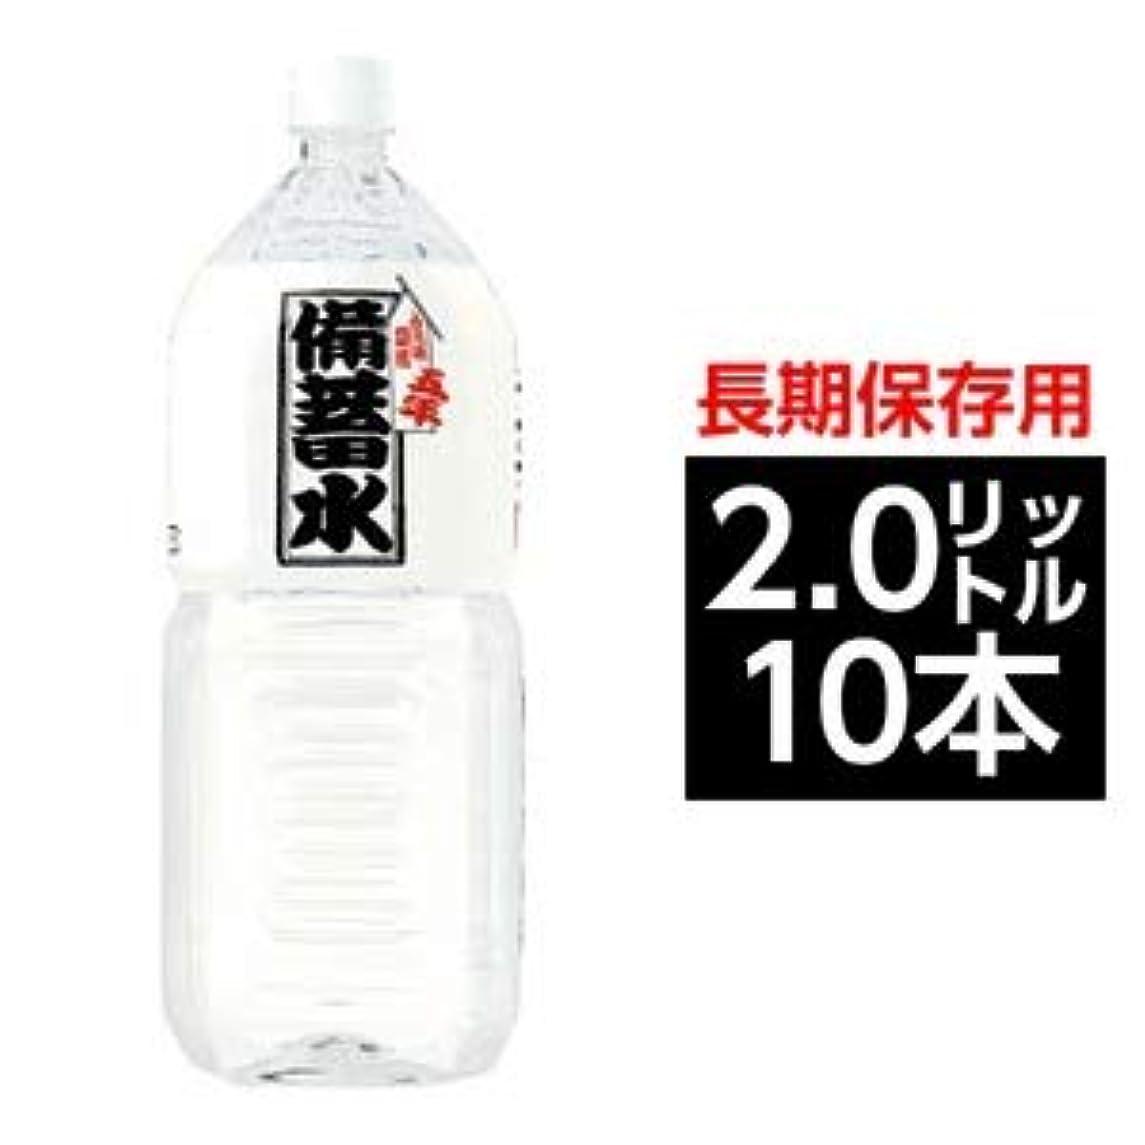 ロック拮抗するナイロン備蓄水 5年保存水 2L×10本 超軟水23mg/L(1ケース)